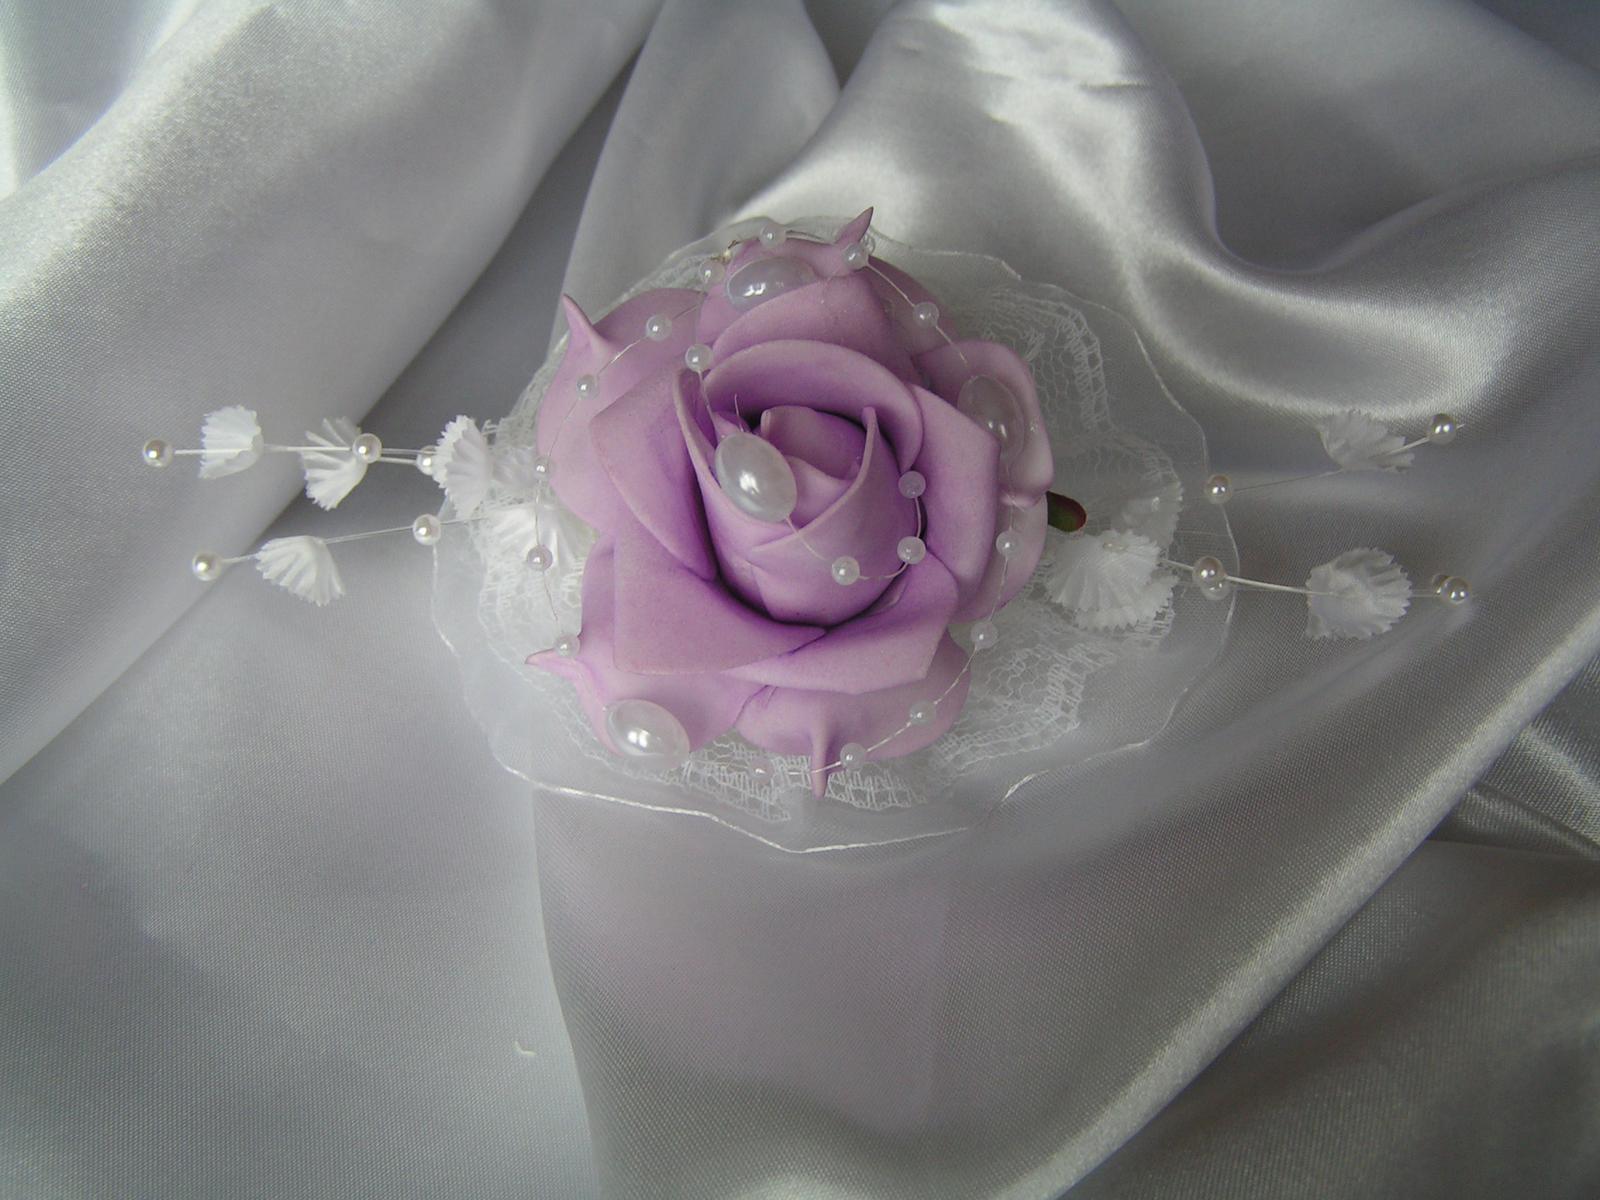 Náramek s pěnovou růží - Obrázek č. 3